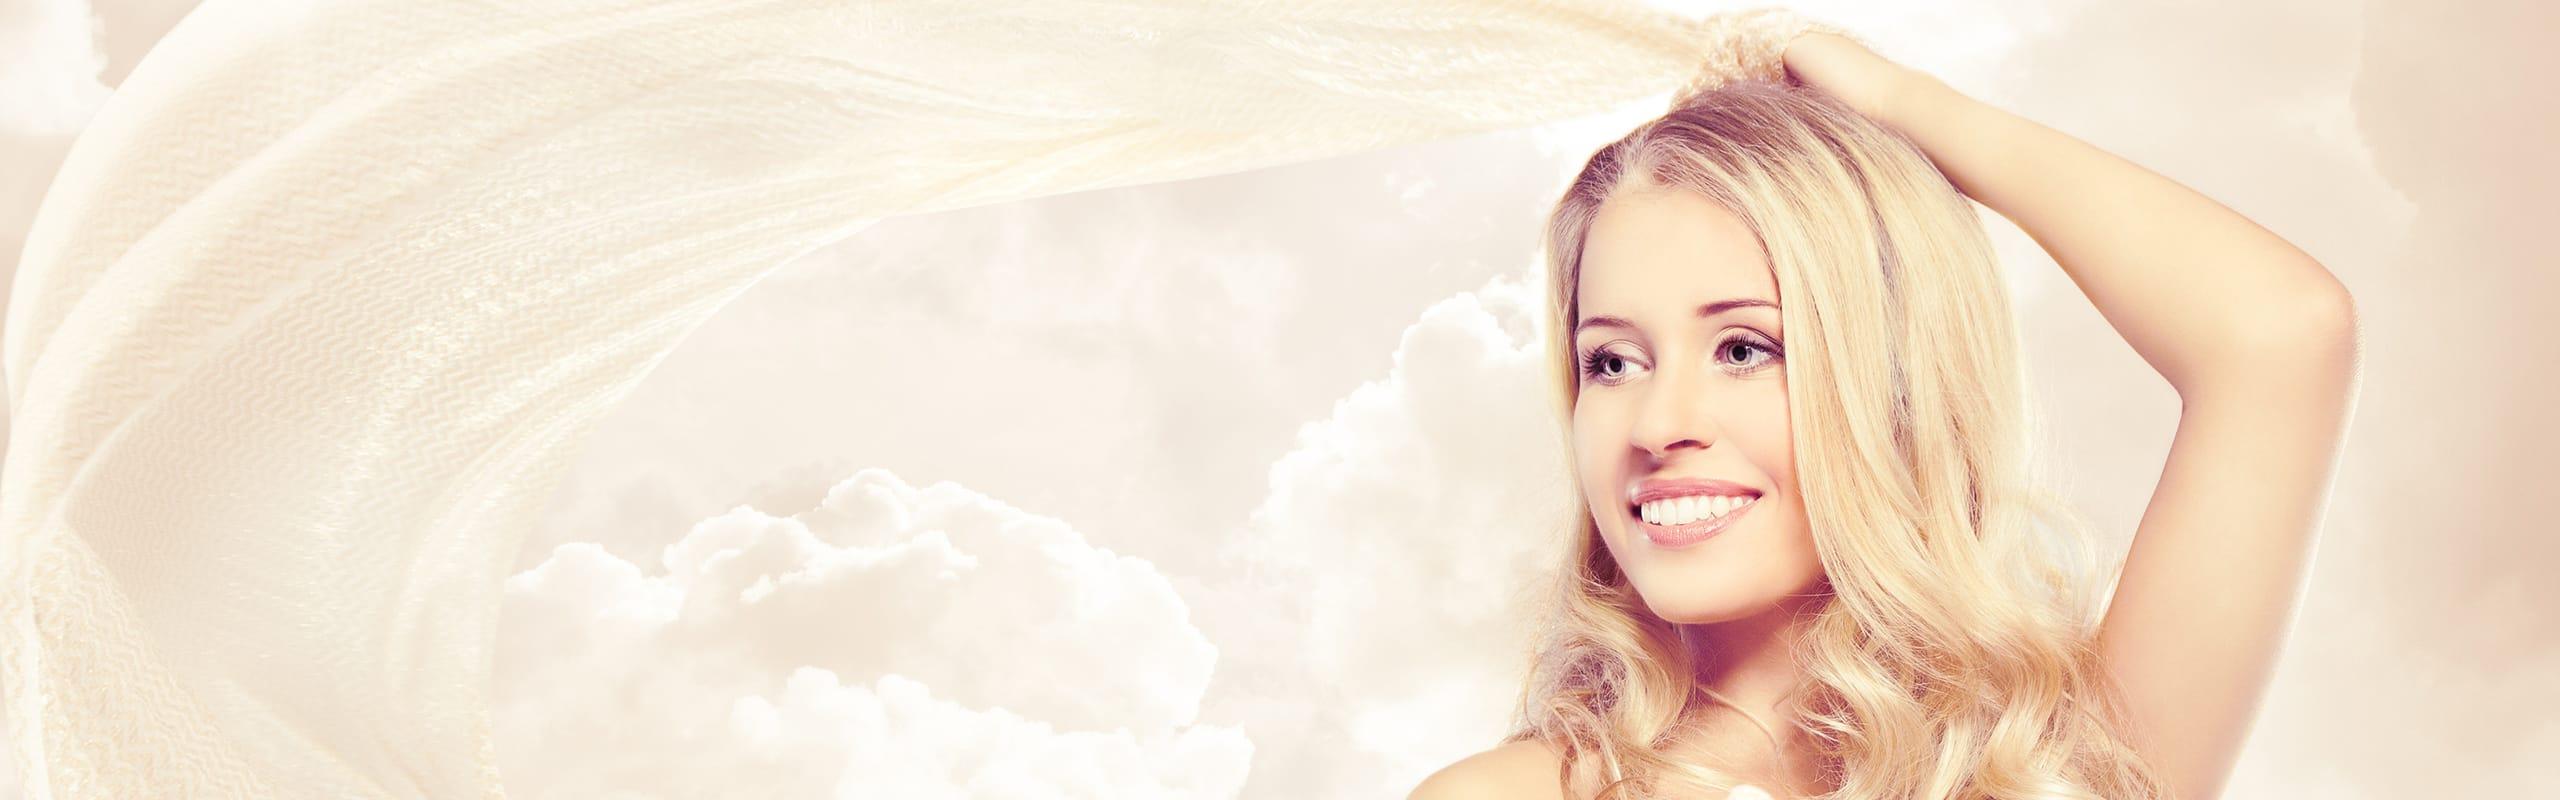 Lächelnde Frau vor Wolkenhintergrund